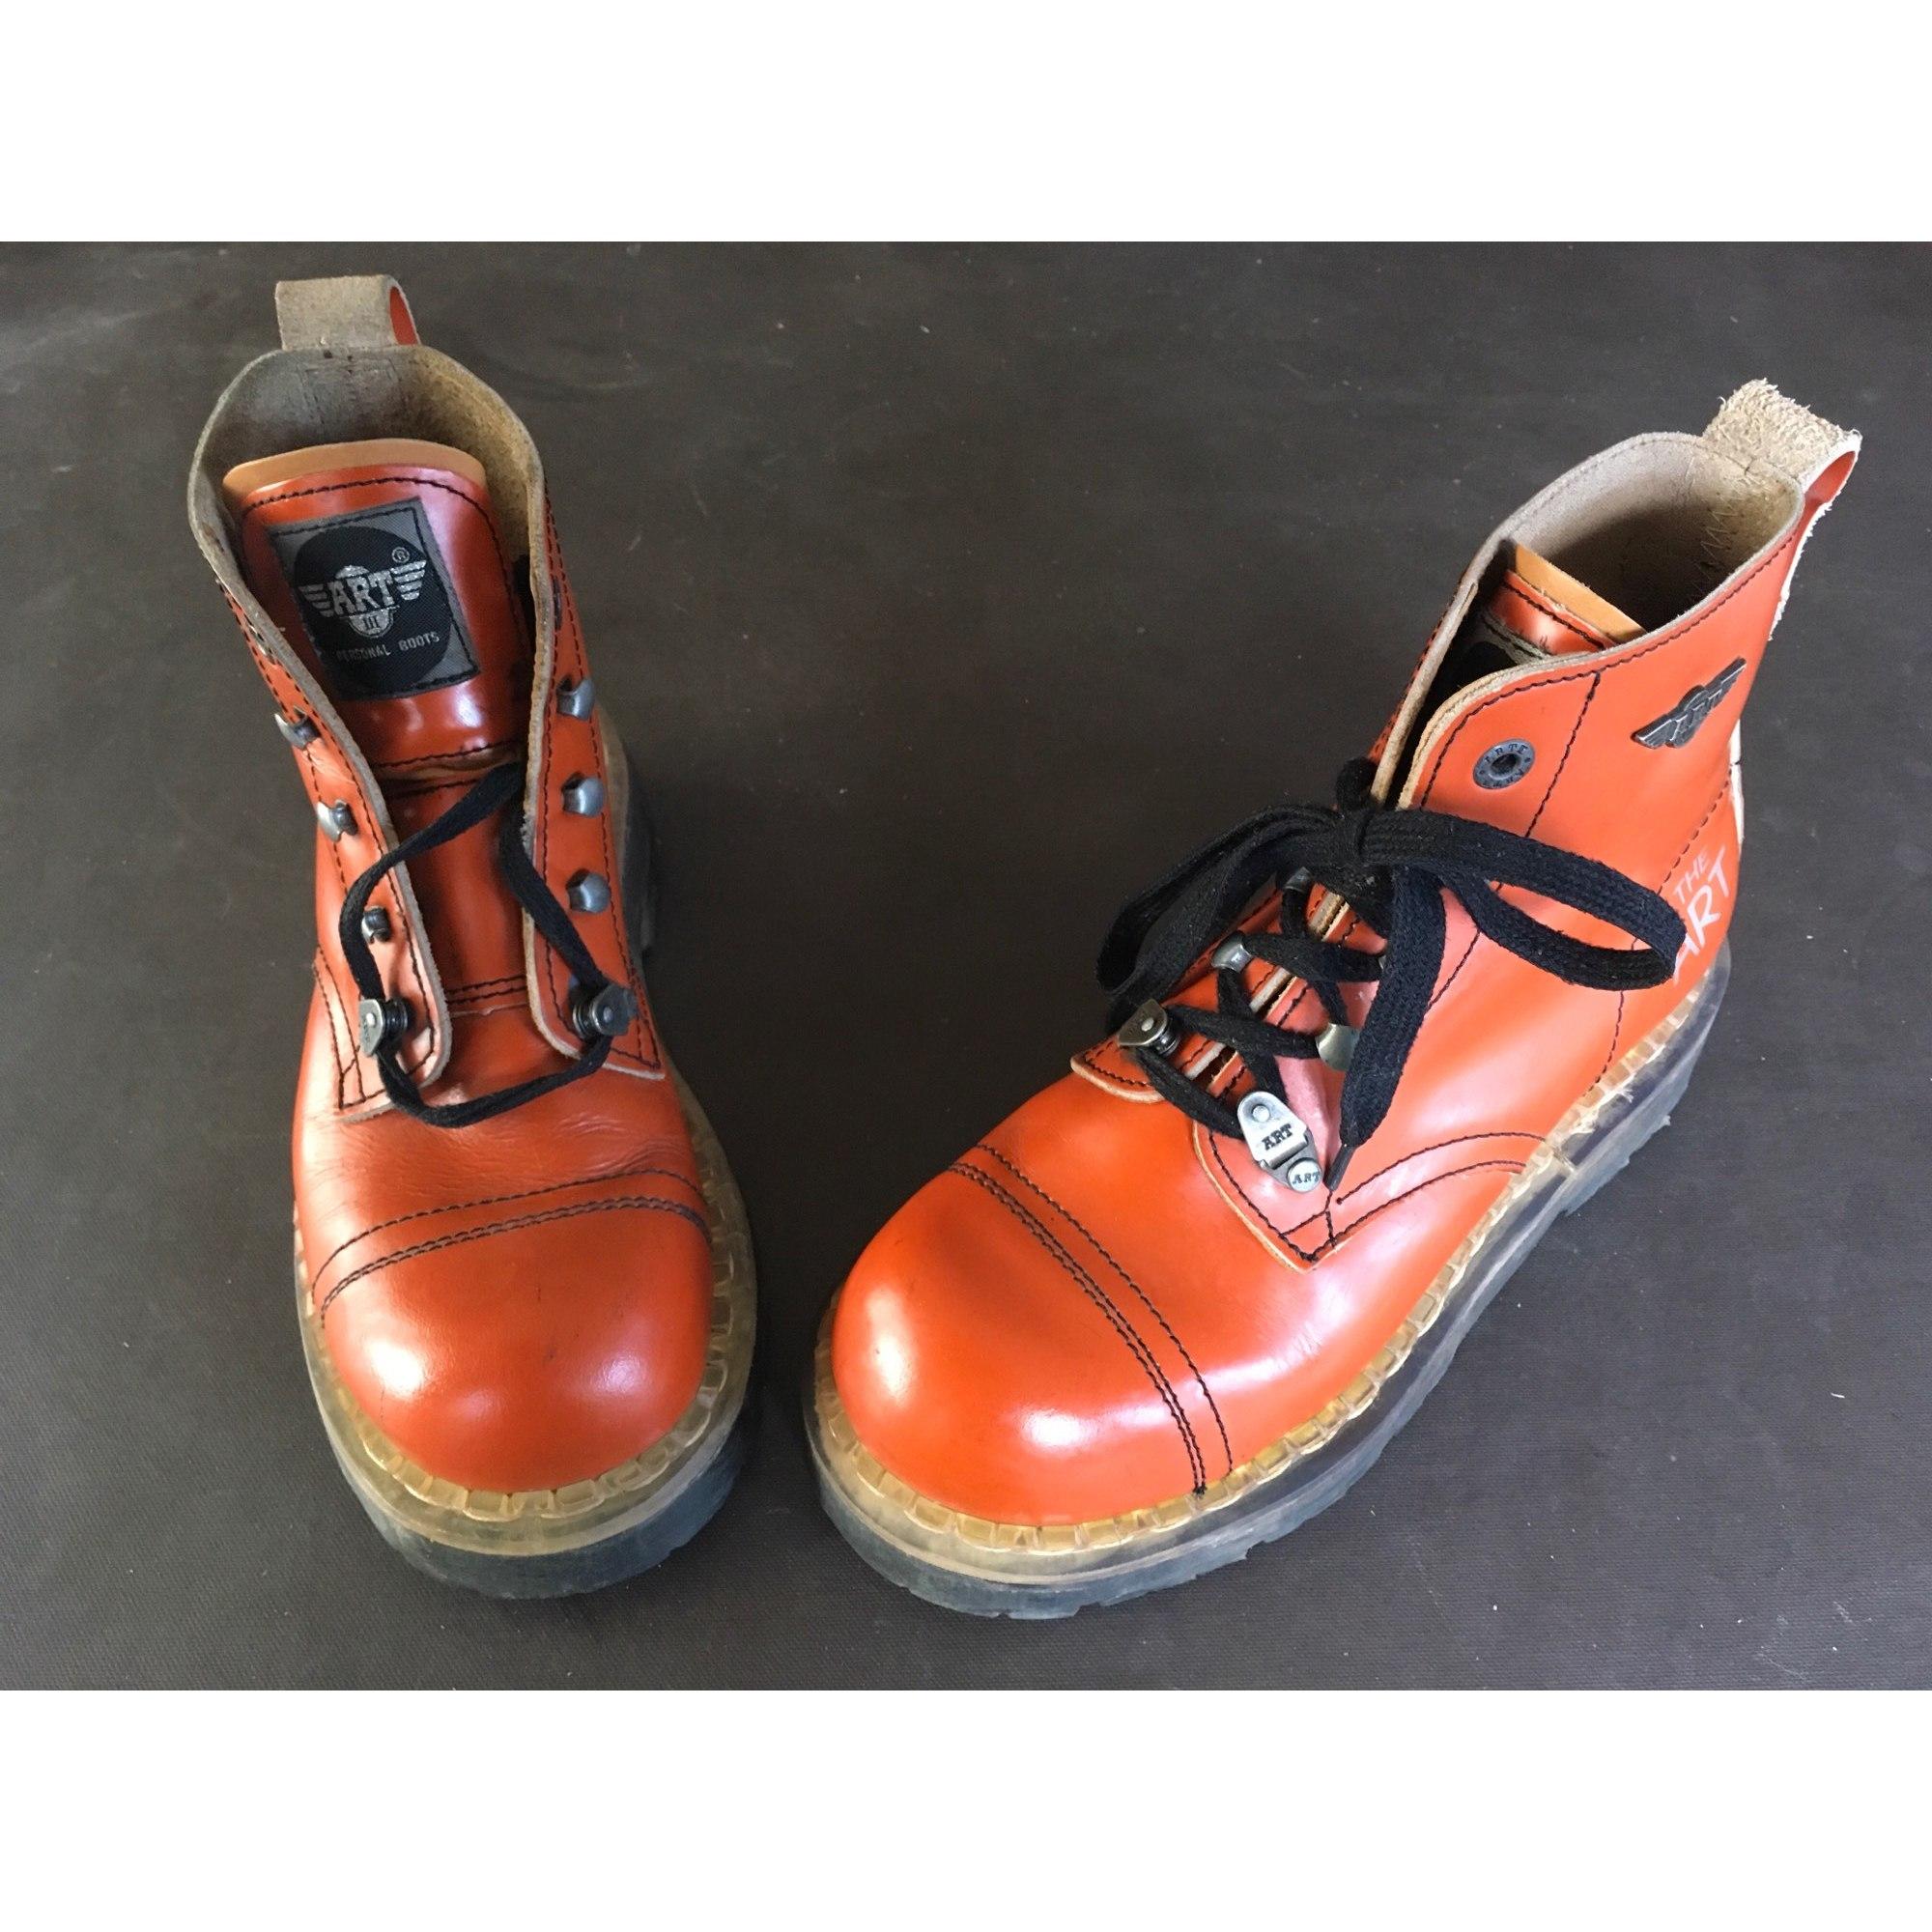 Bottines & low boots plates ART Marron orangé